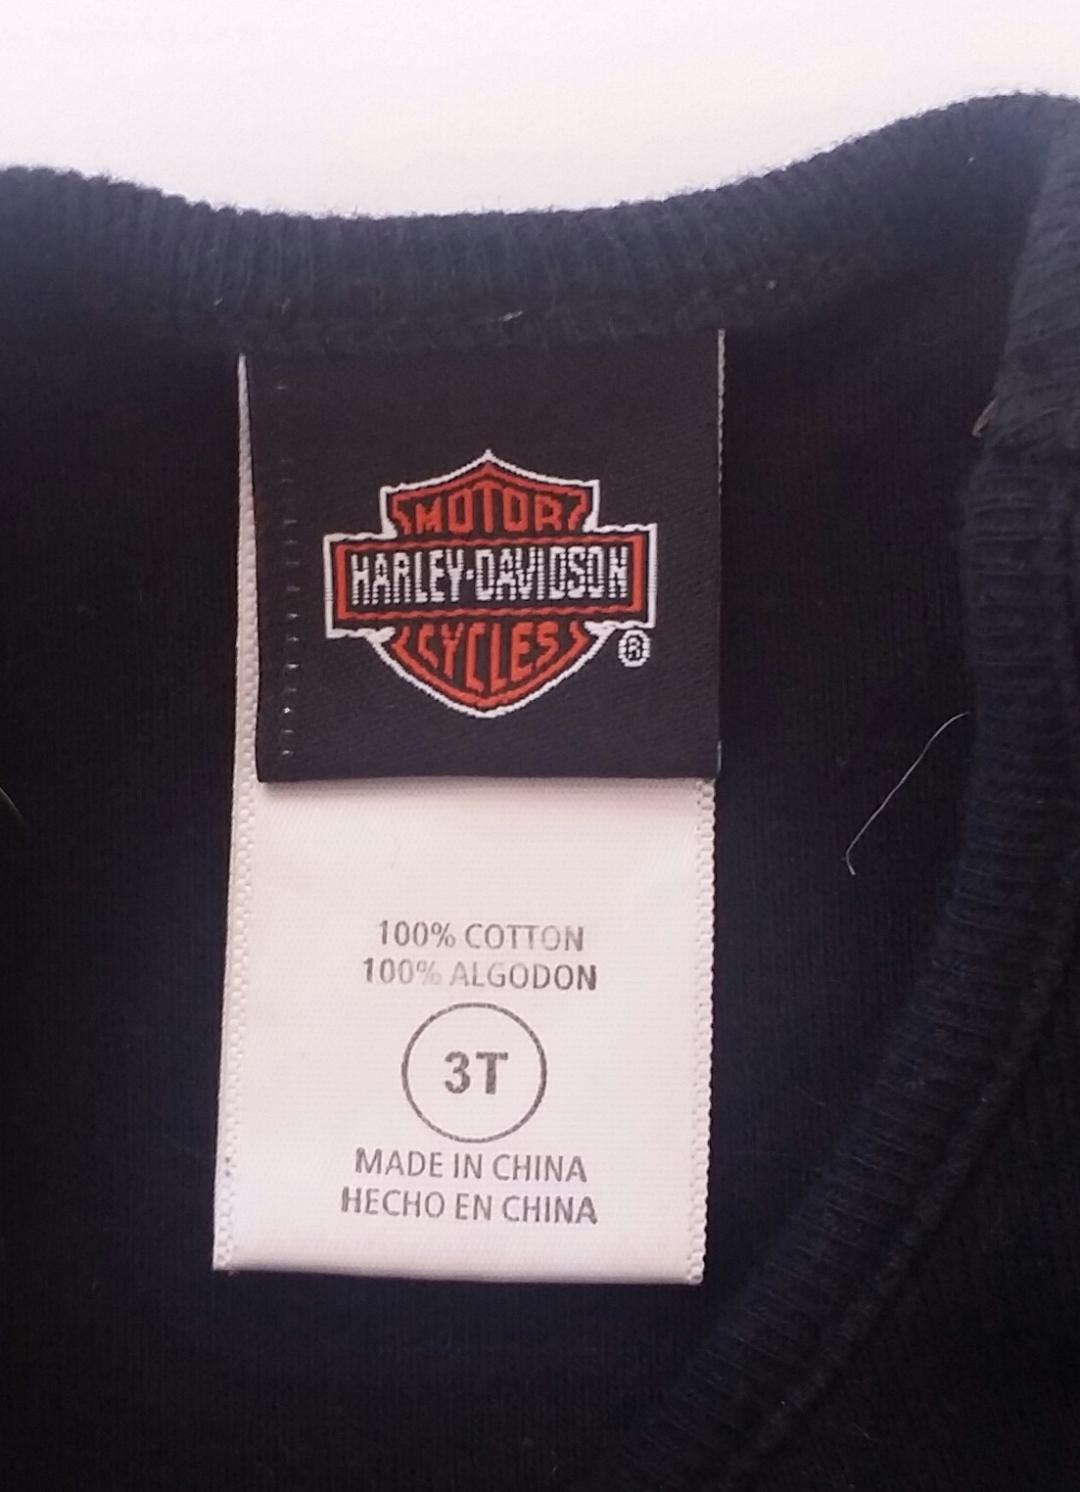 3-YEARS-Harley-Davidson-T-Shirt_1981577B.jpg